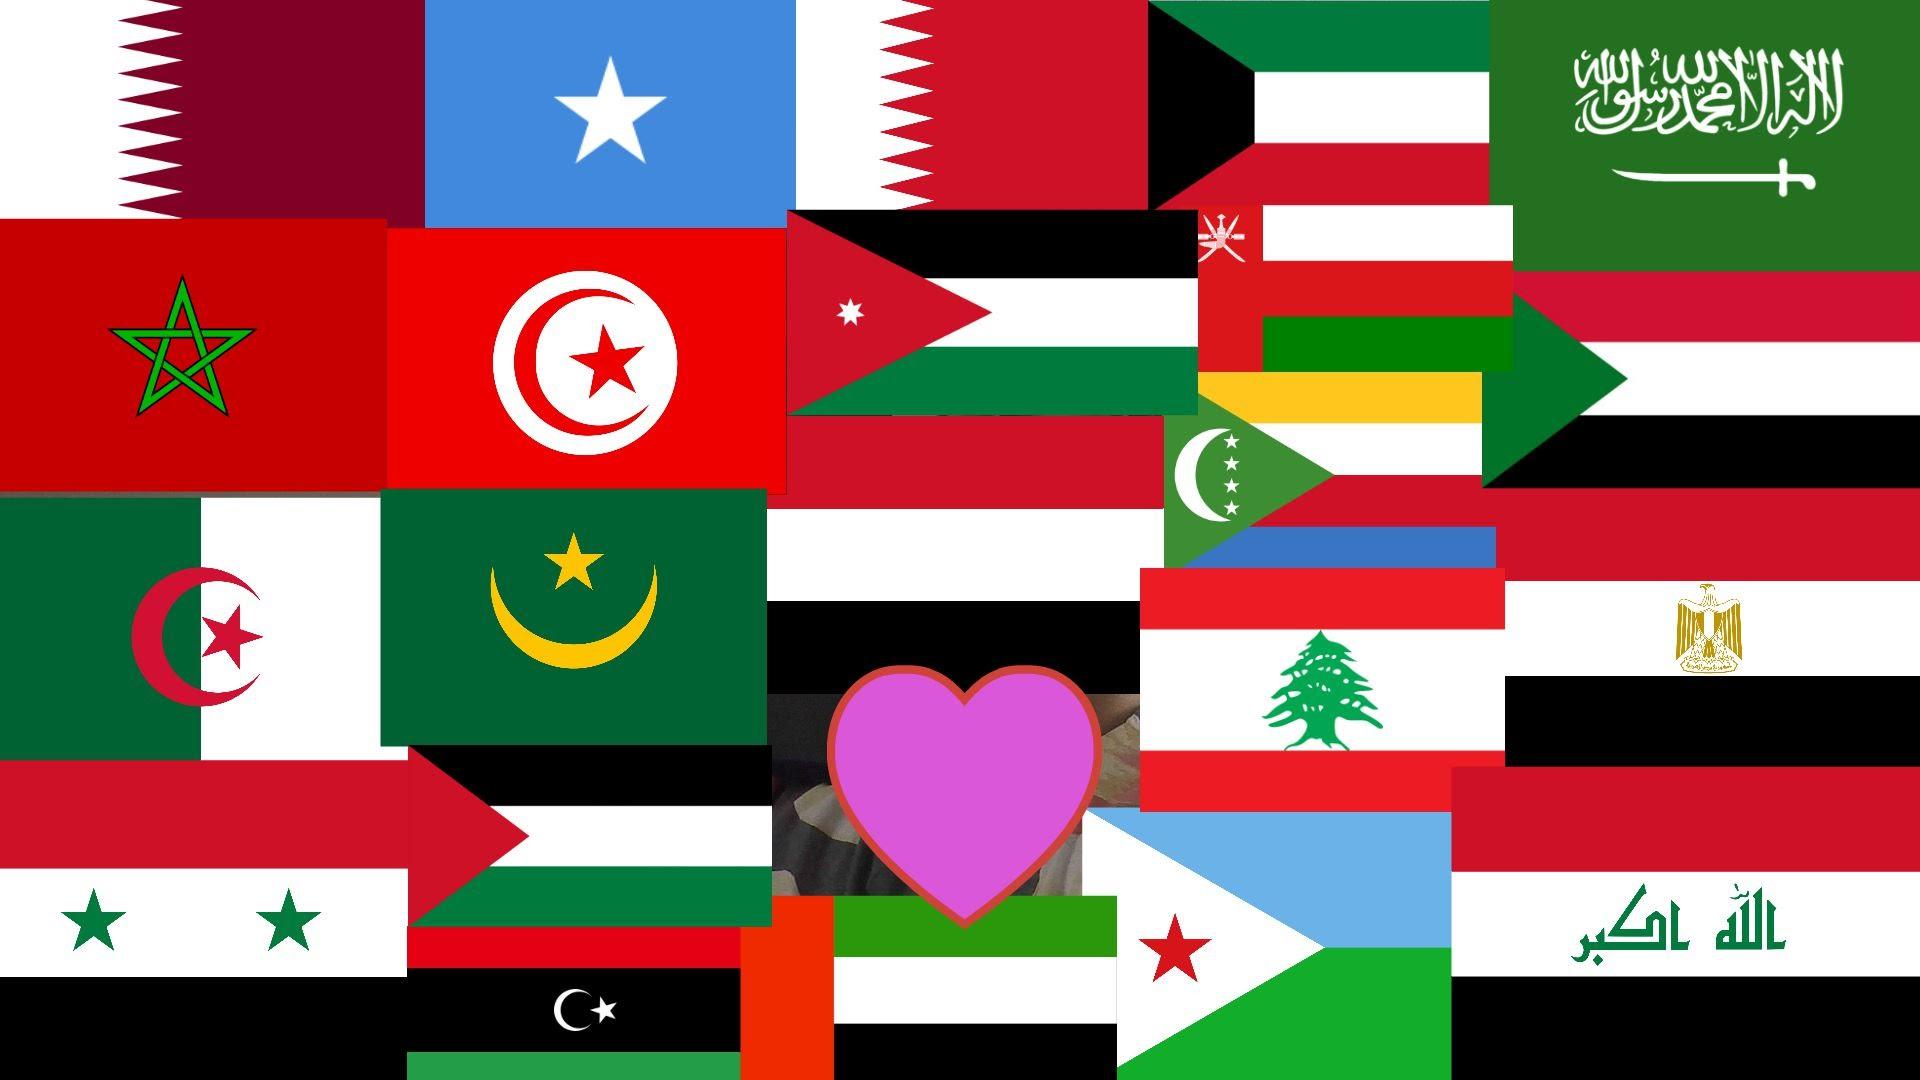 اعلام الدول الاجنبية واسمائها بالعربي